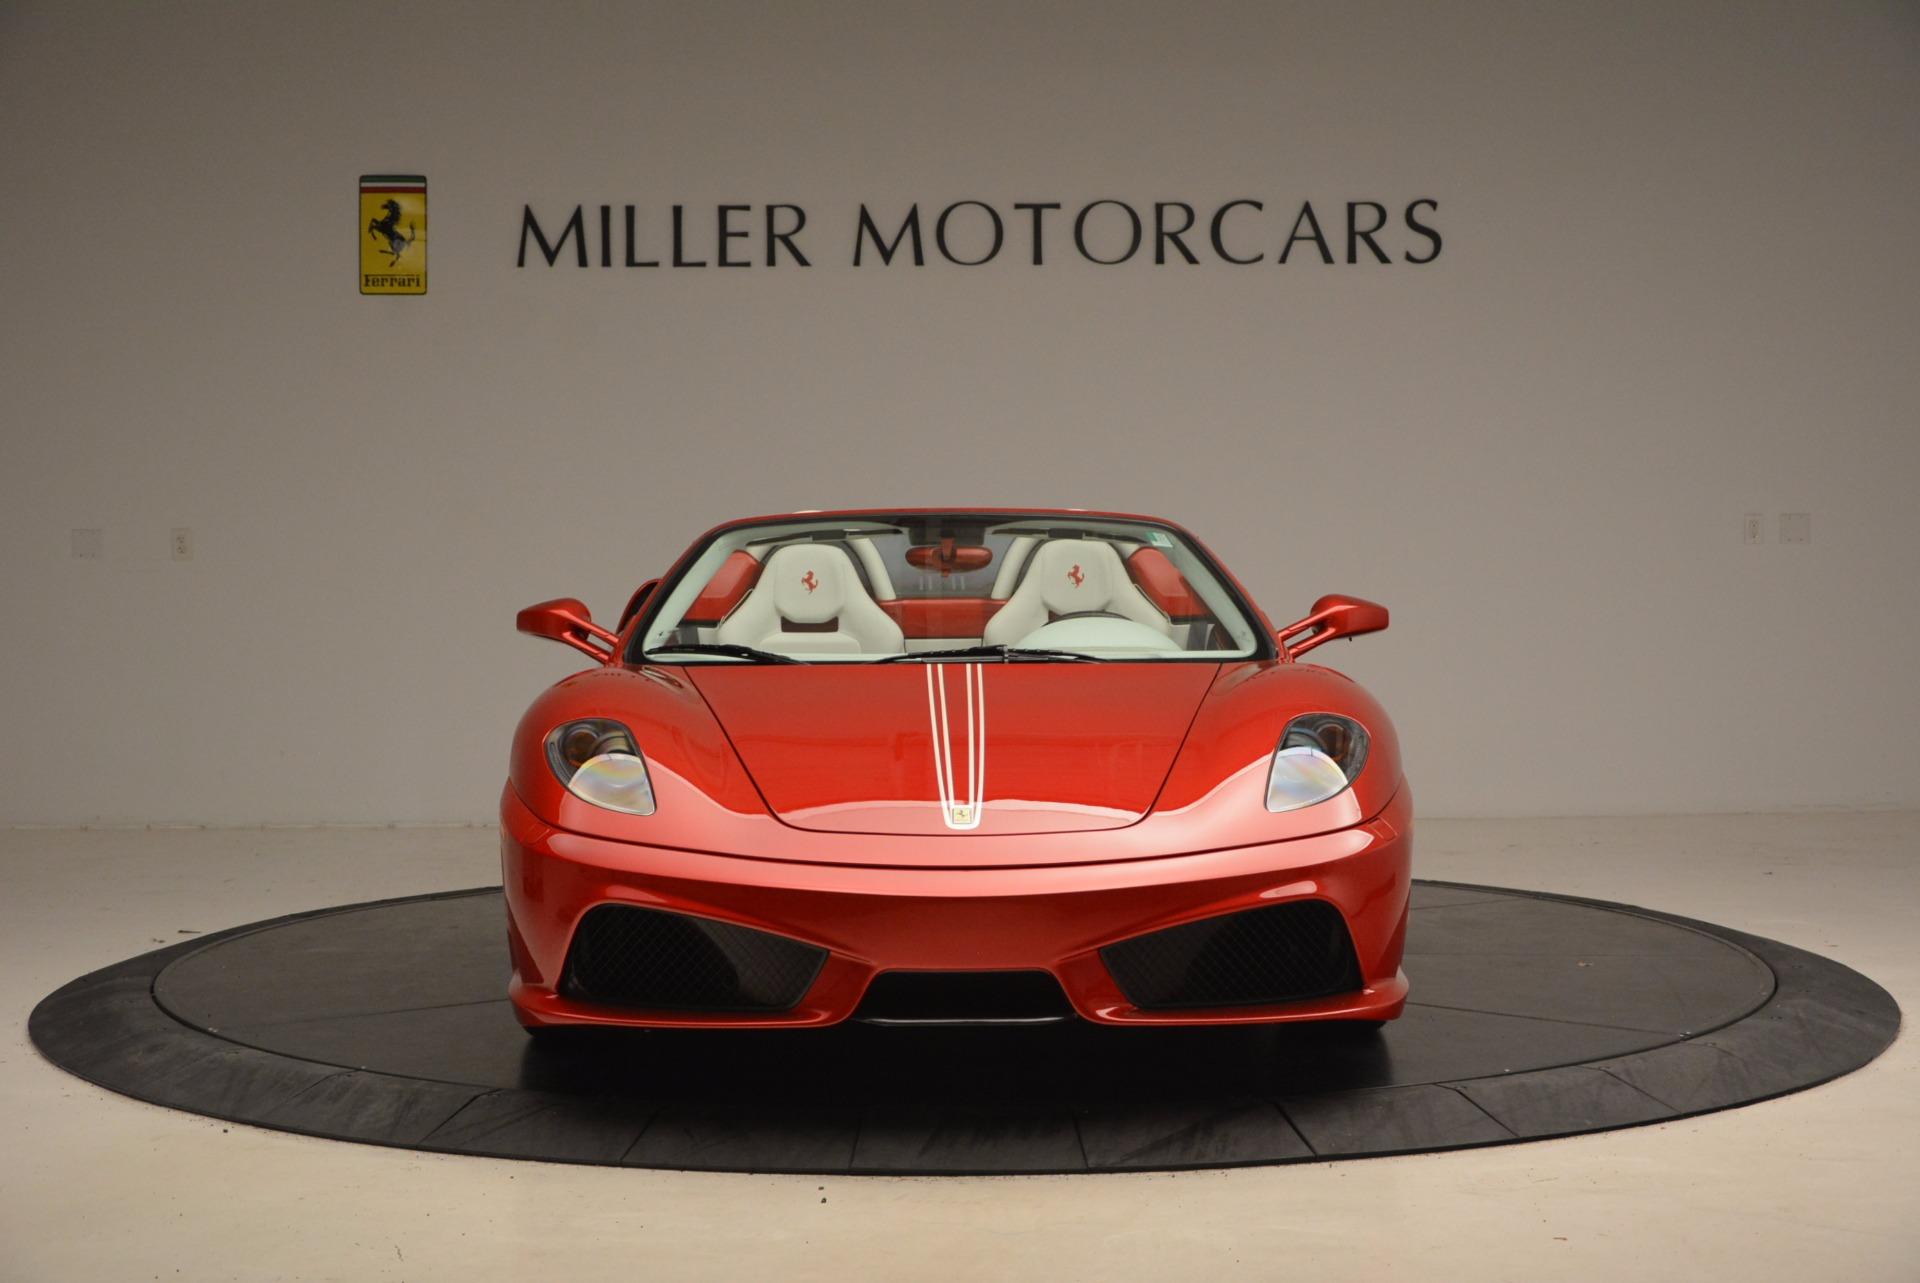 Used 2009 Ferrari F430 Scuderia 16M For Sale In Greenwich, CT. Alfa Romeo of Greenwich, 4404 1398_p12